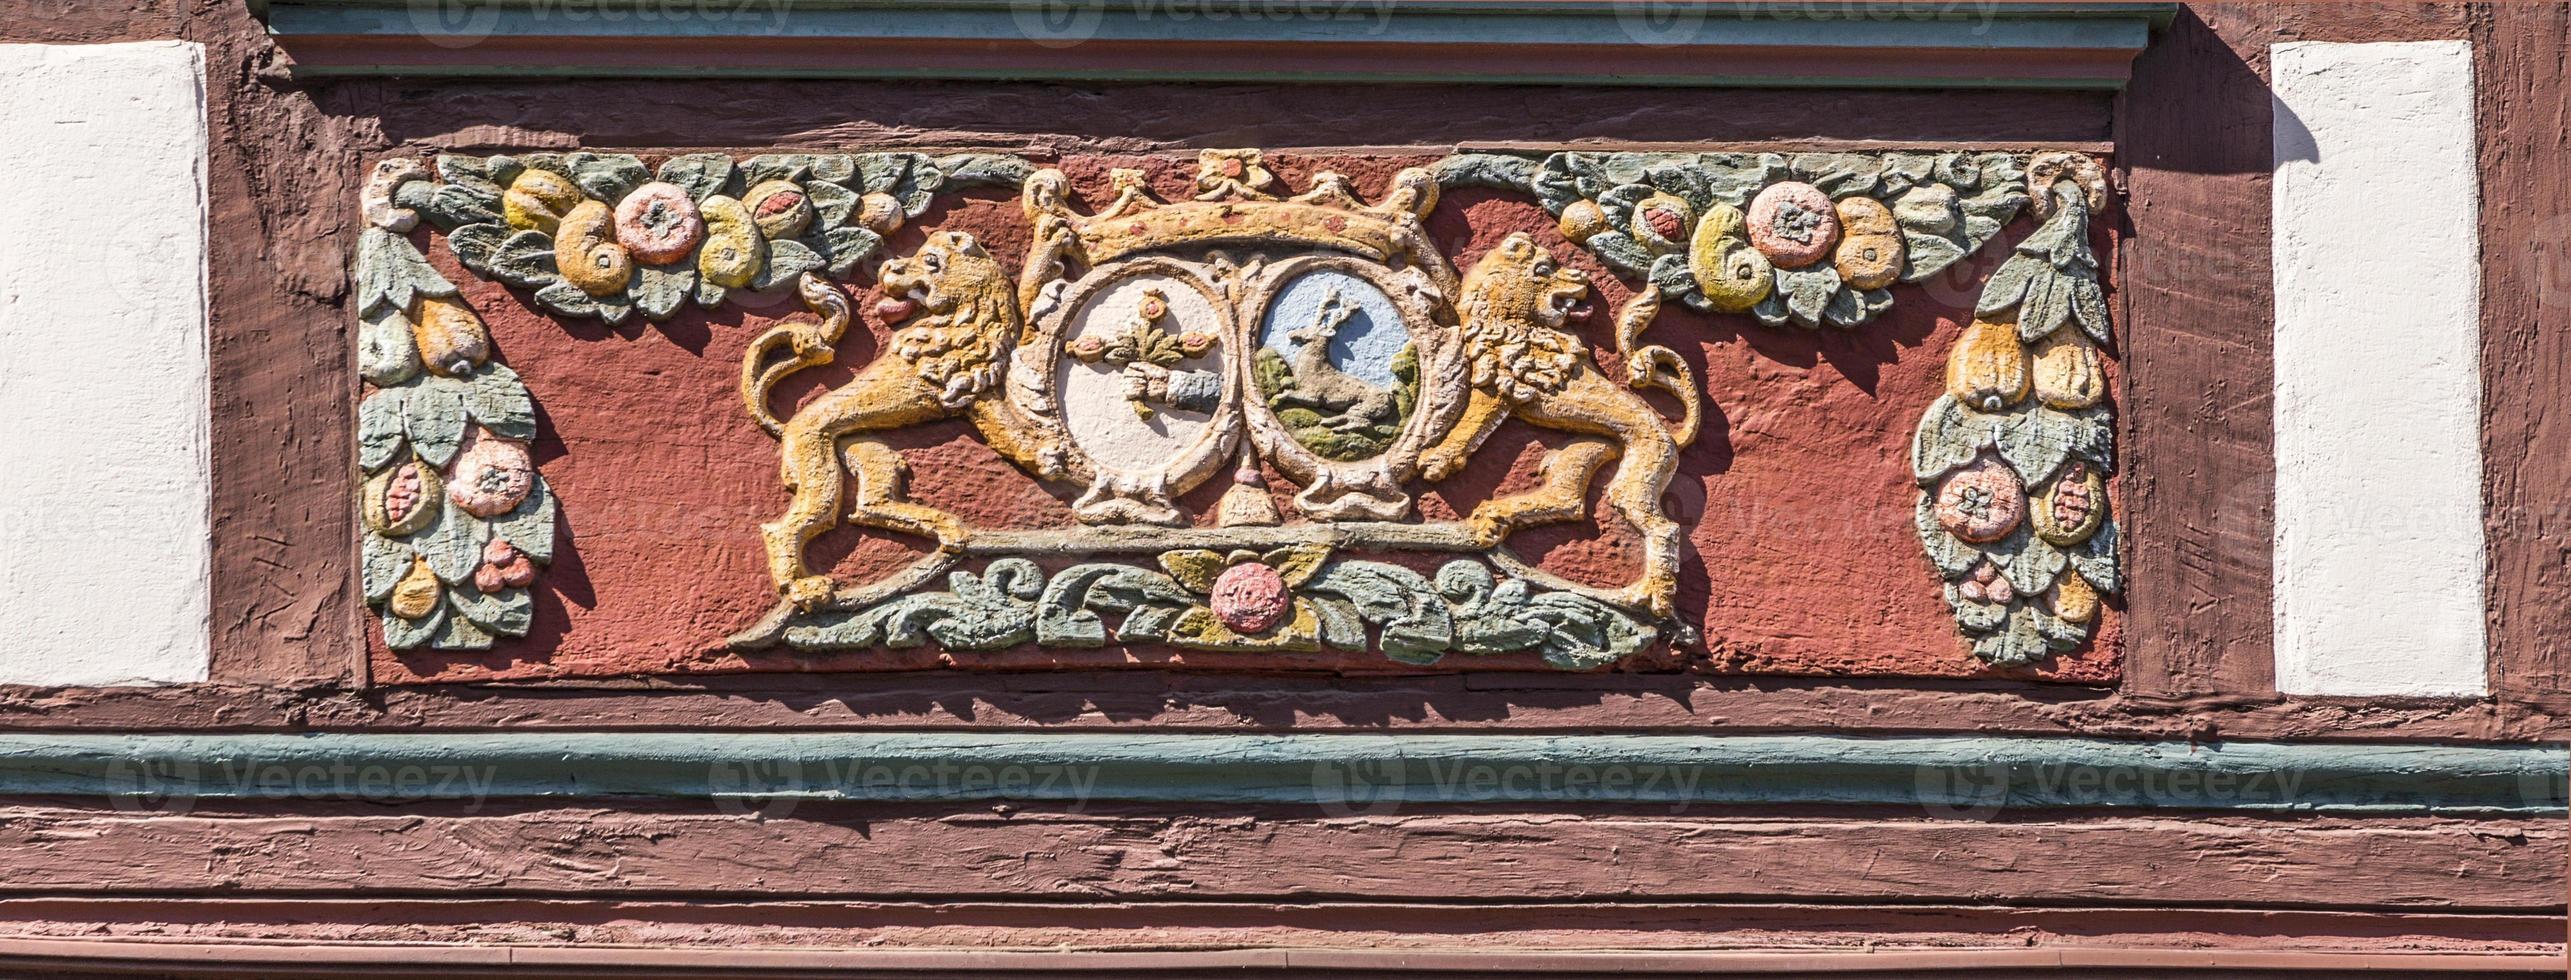 traditionelles Schnitzen in einem Fachwerkhaus mit Symbolen foto